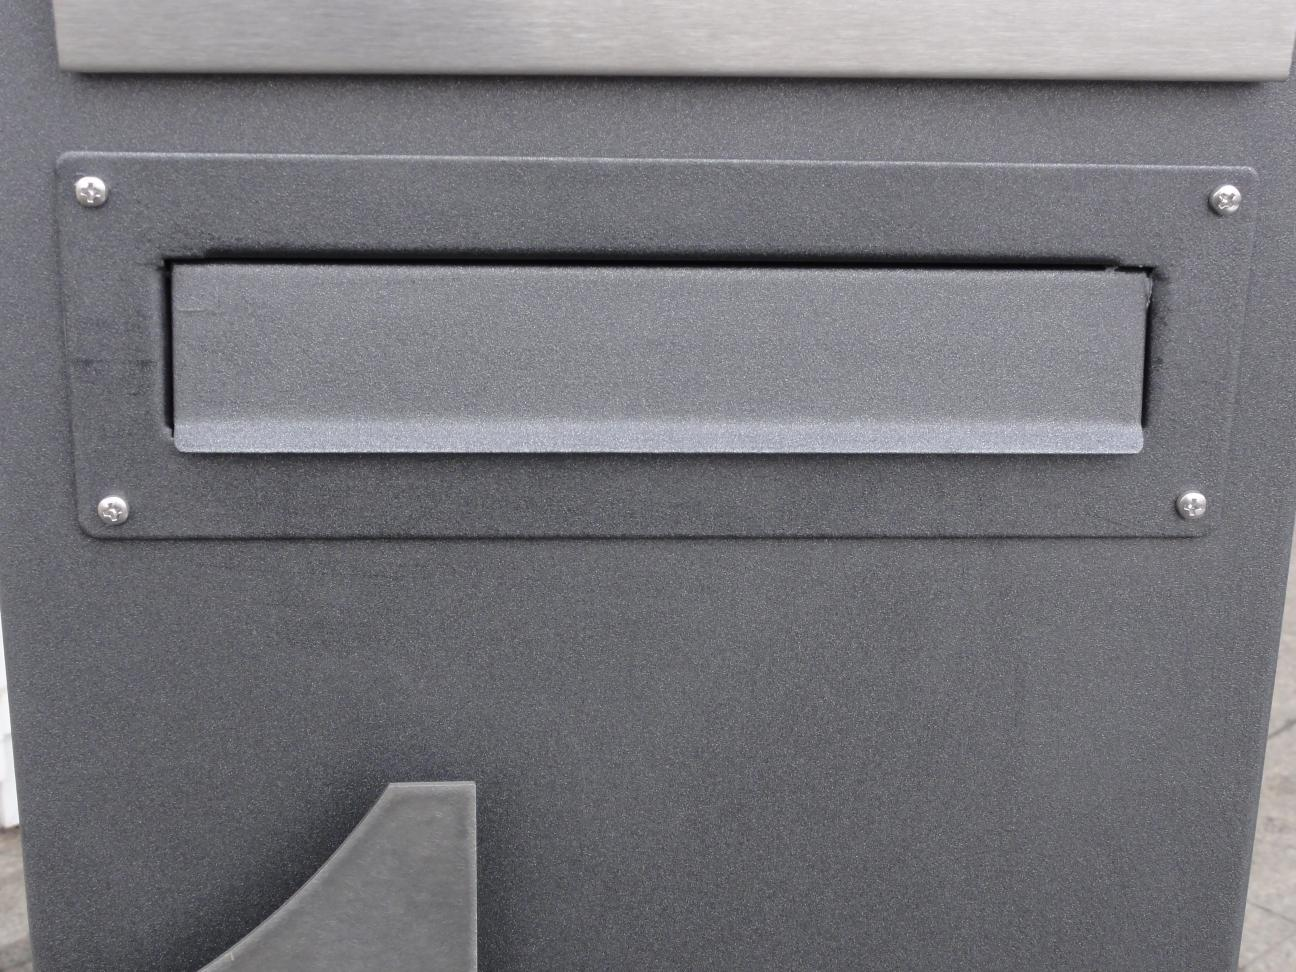 briefkasten stele 150 x 35 x 20 cm farbe nach farbkarte. Black Bedroom Furniture Sets. Home Design Ideas